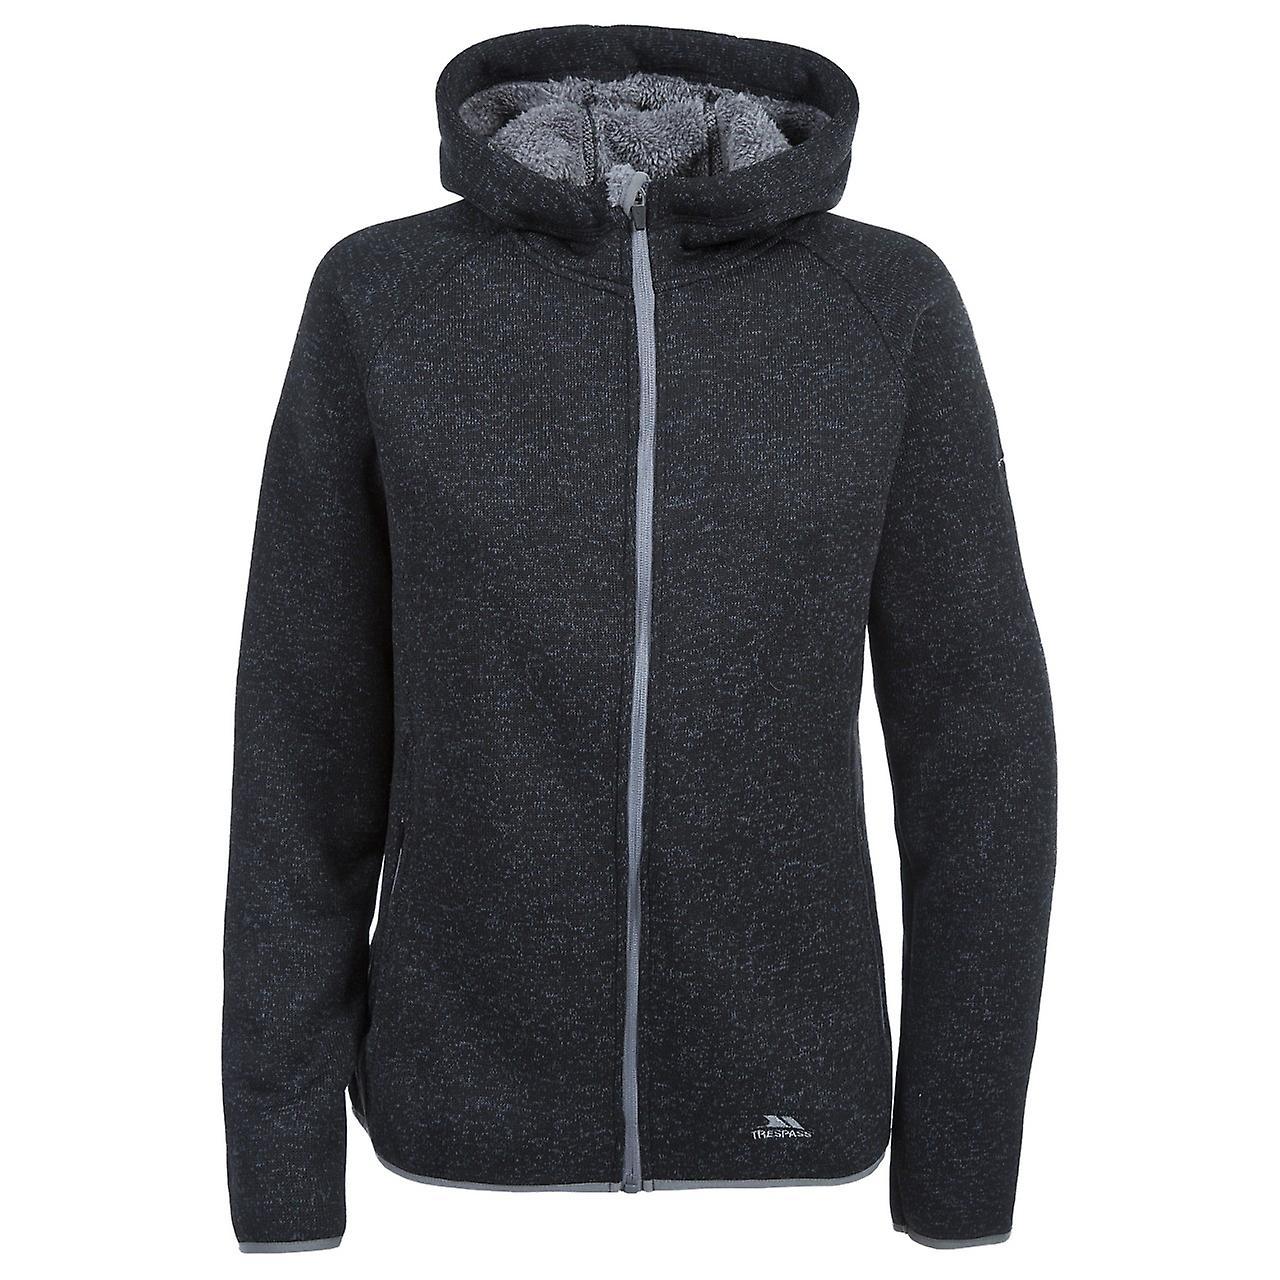 Trespass Womens/Ladies Valeo Full Zip Fleece Hoodie Jacket